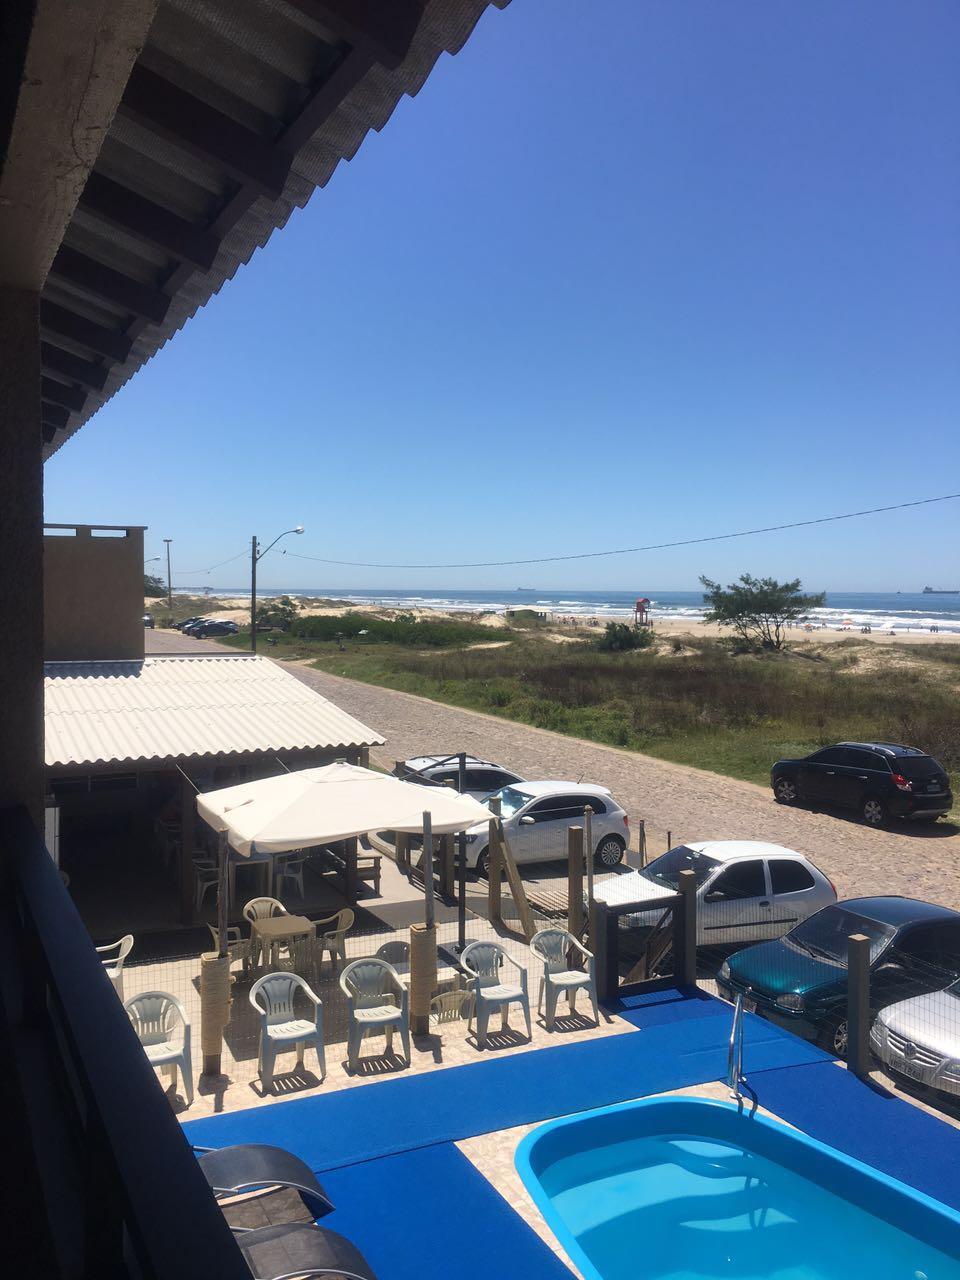 Tramandaí Pousada do Pé Grande - Beira Mar - Pousadas - casa de aluguel  - alojamento -